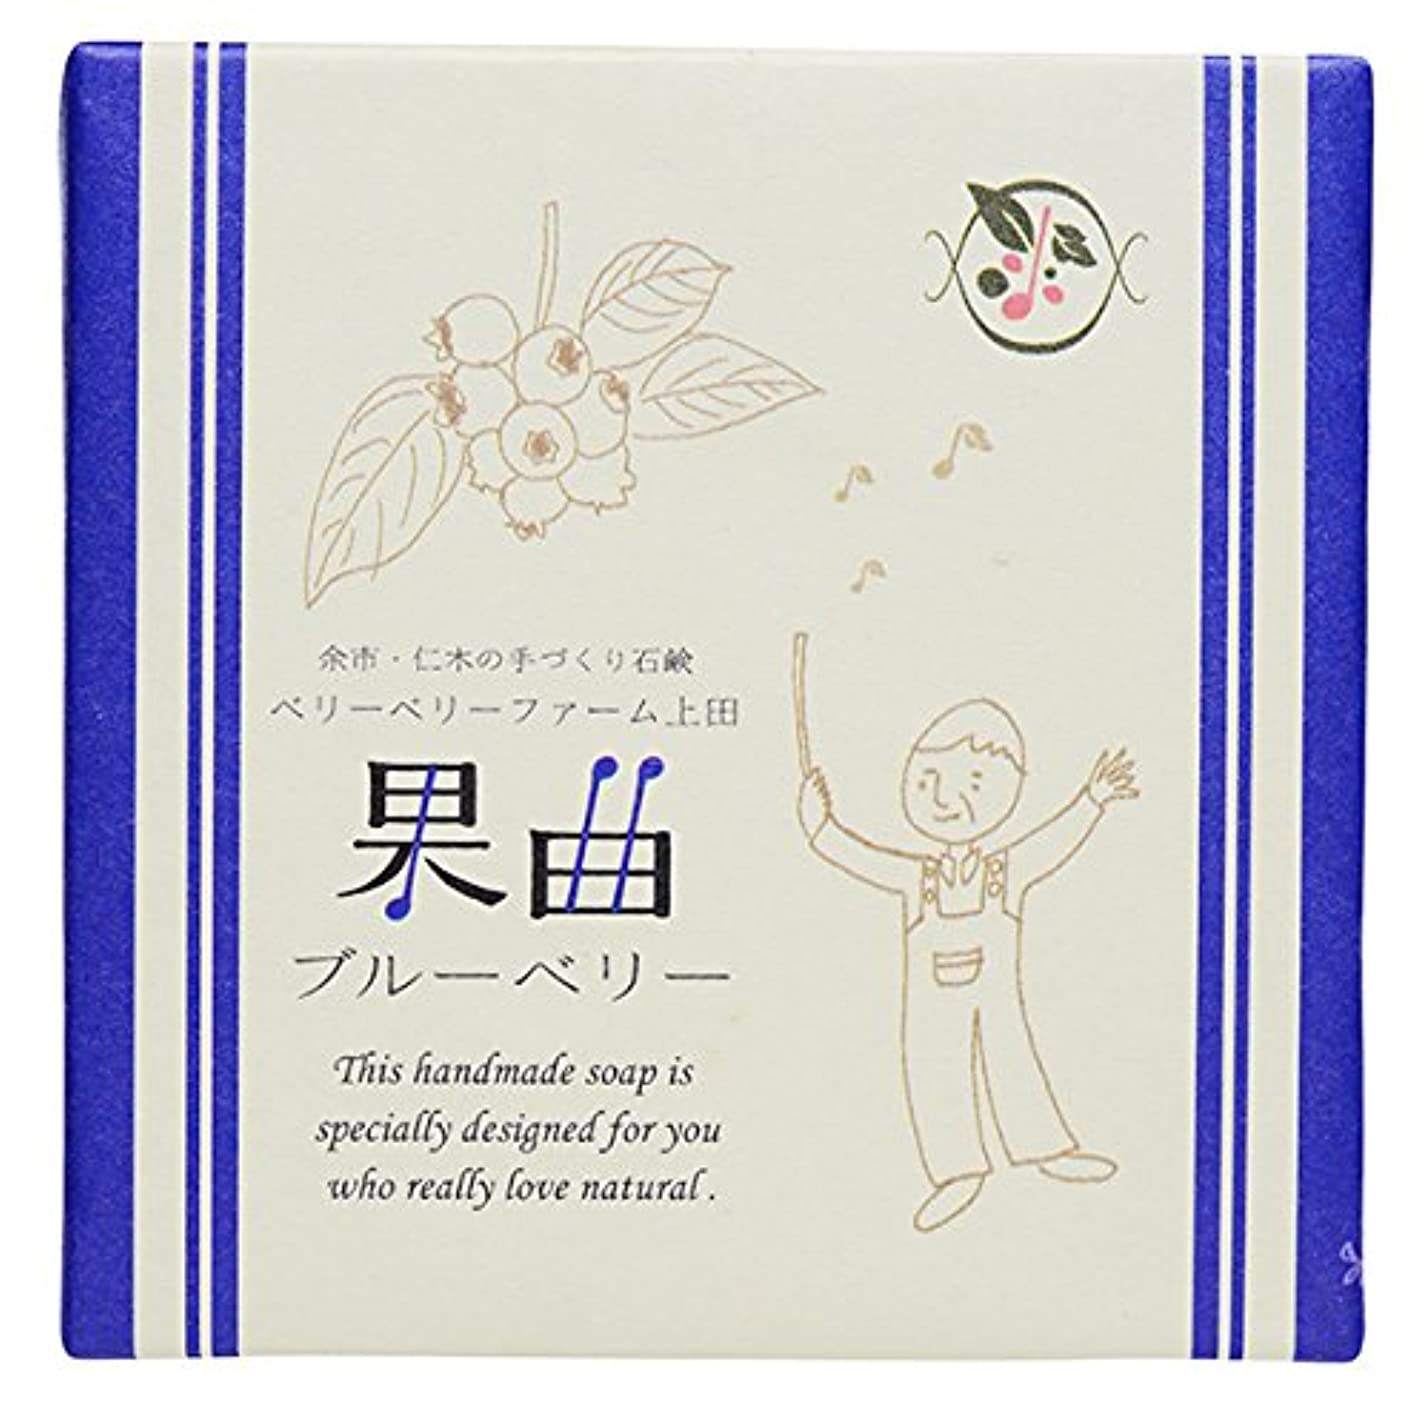 経営者送る投げる余市町仁木のベリーベリーファーム上田との共同開発 果曲(ブルーベリー)純練り石鹸